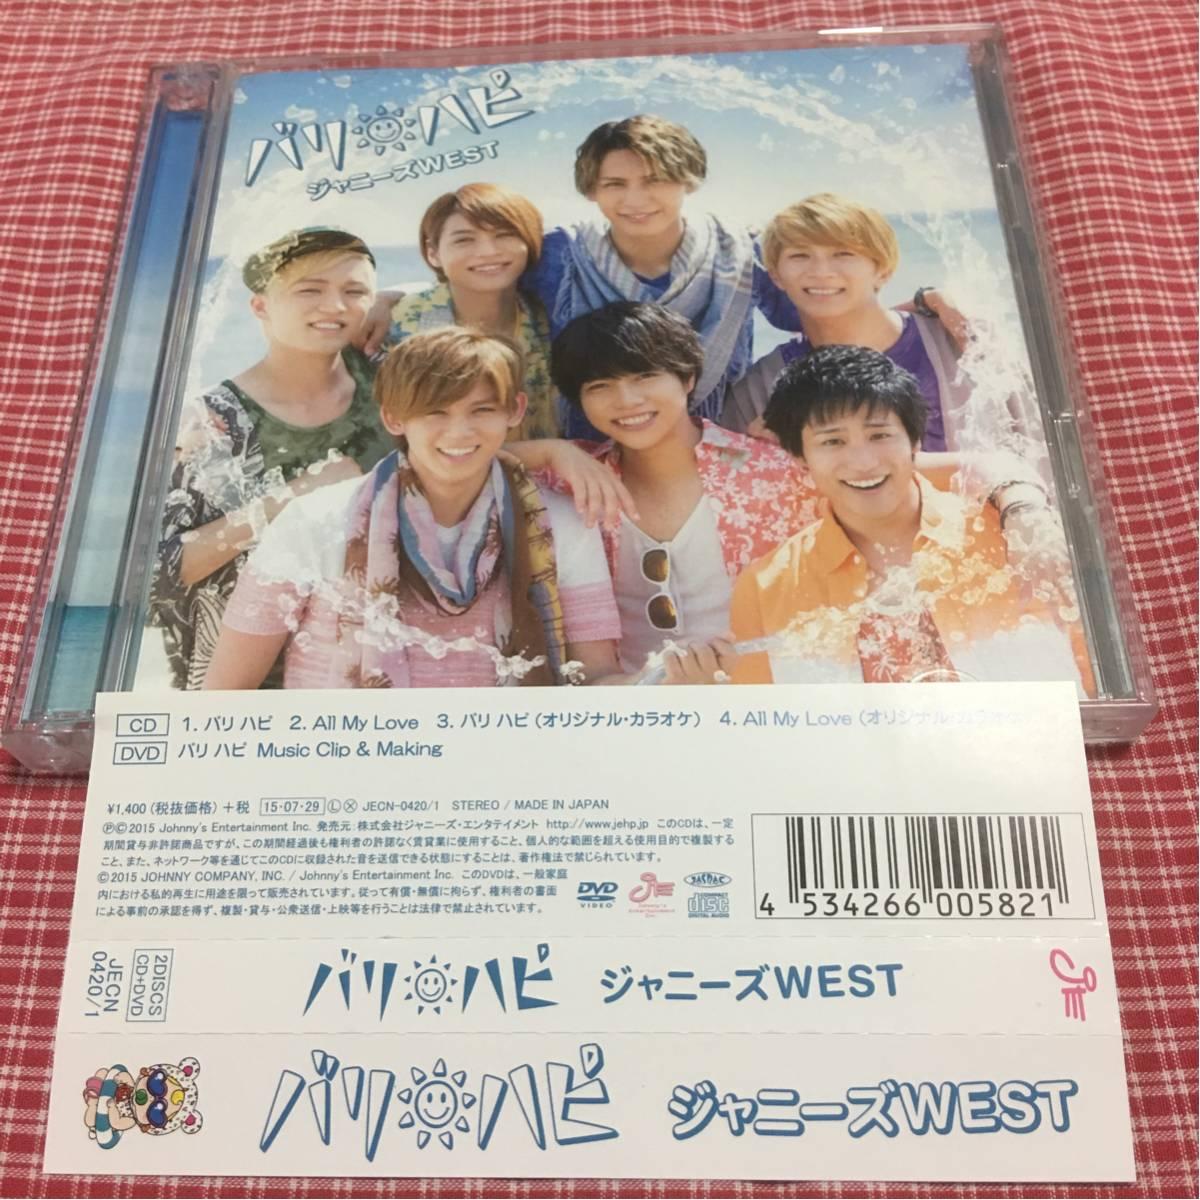 ジャニーズWEST バリハピ 初回盤A CD+DVD(Music Clip&Making)